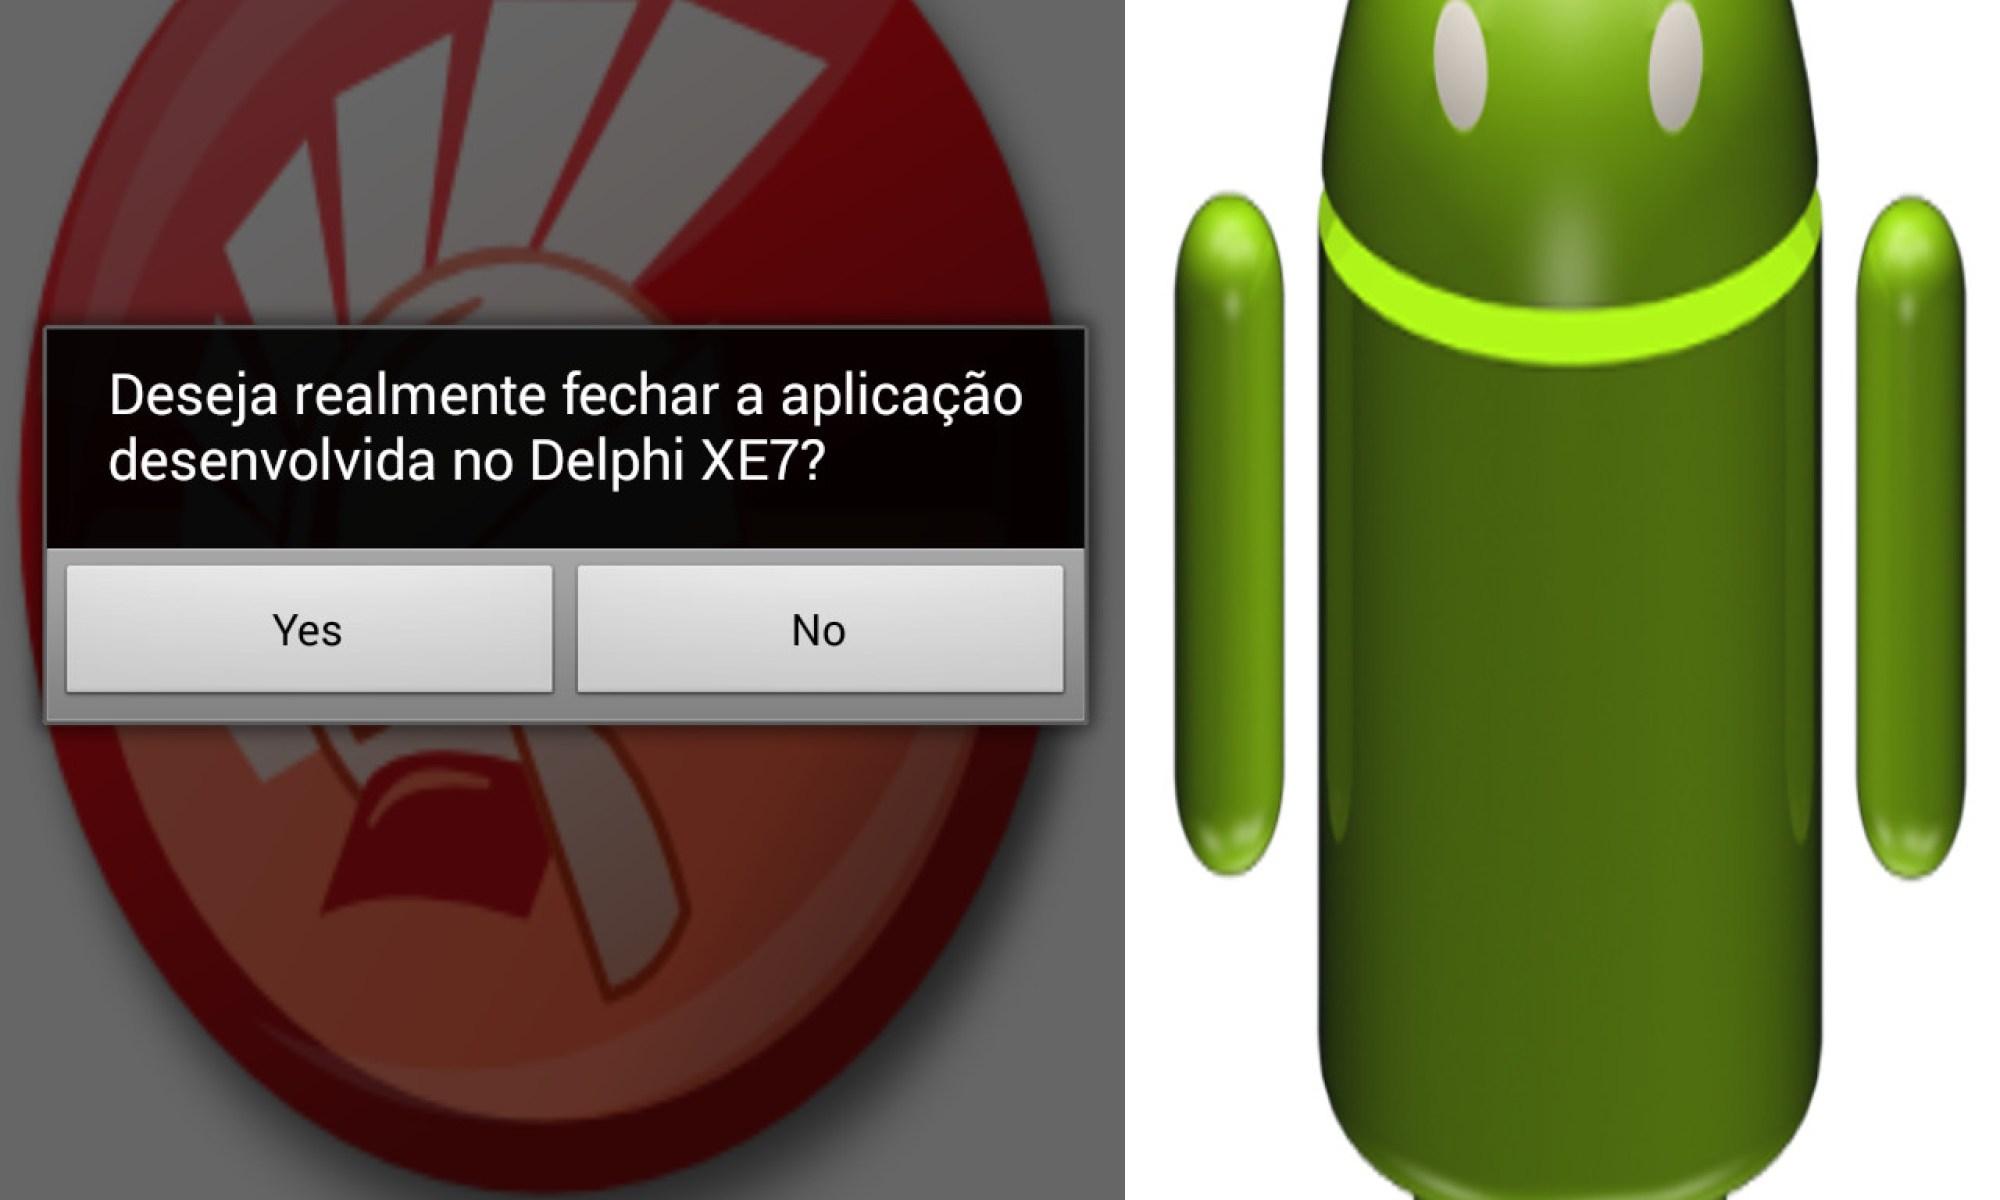 Controlando Botão de Hardware do Android com Delphi XE7